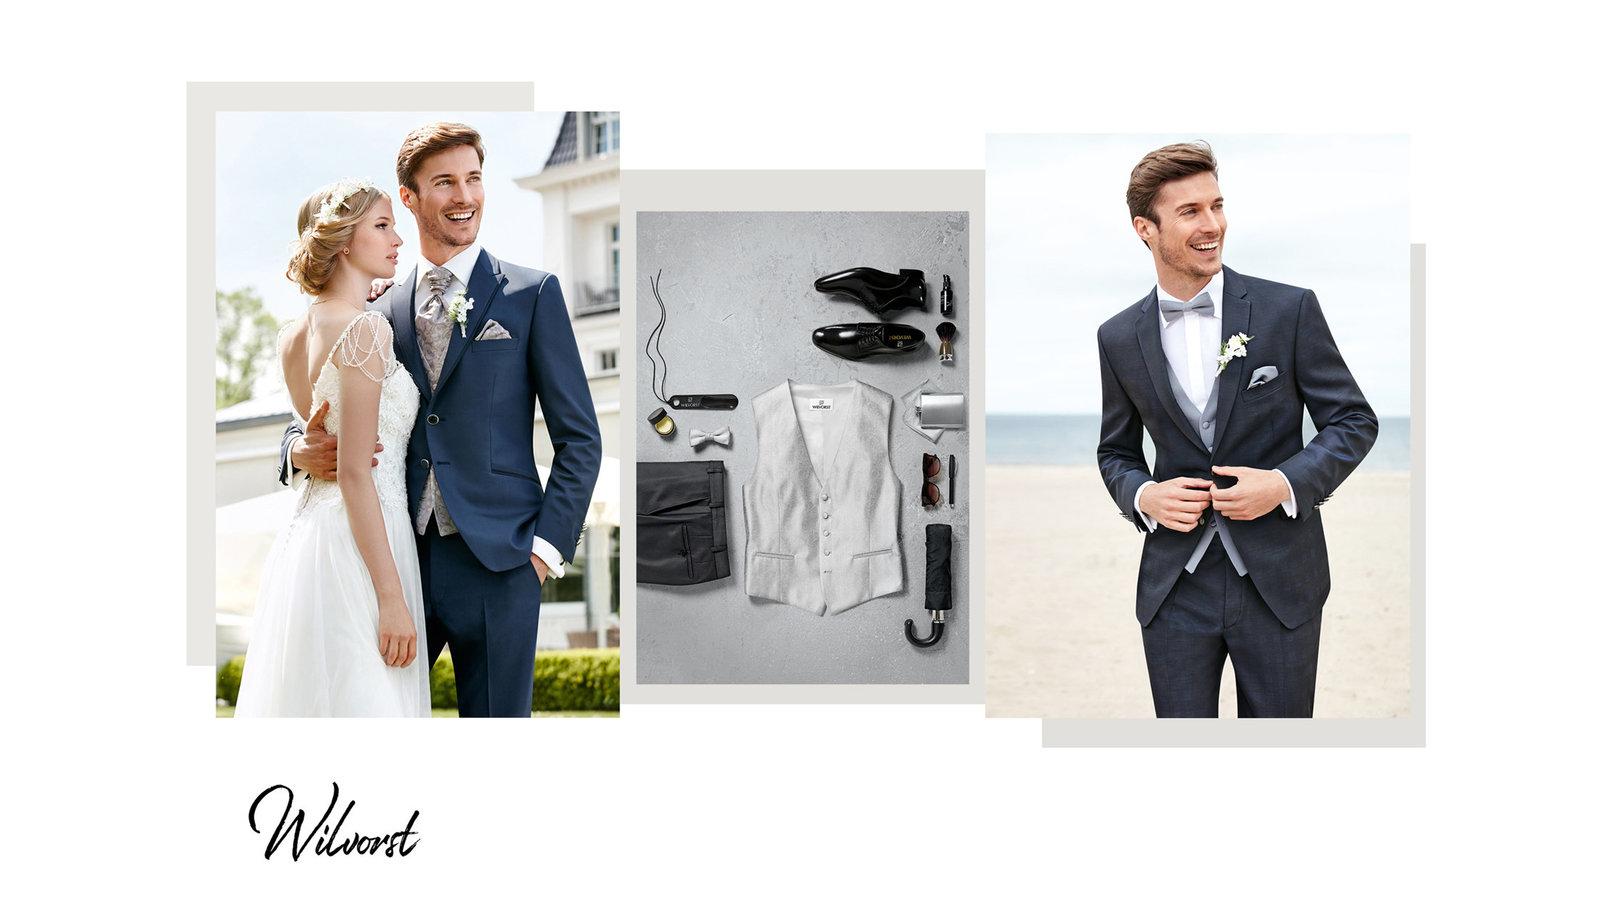 007_hostettler-mode_wilvorst_hochzeit-anzug